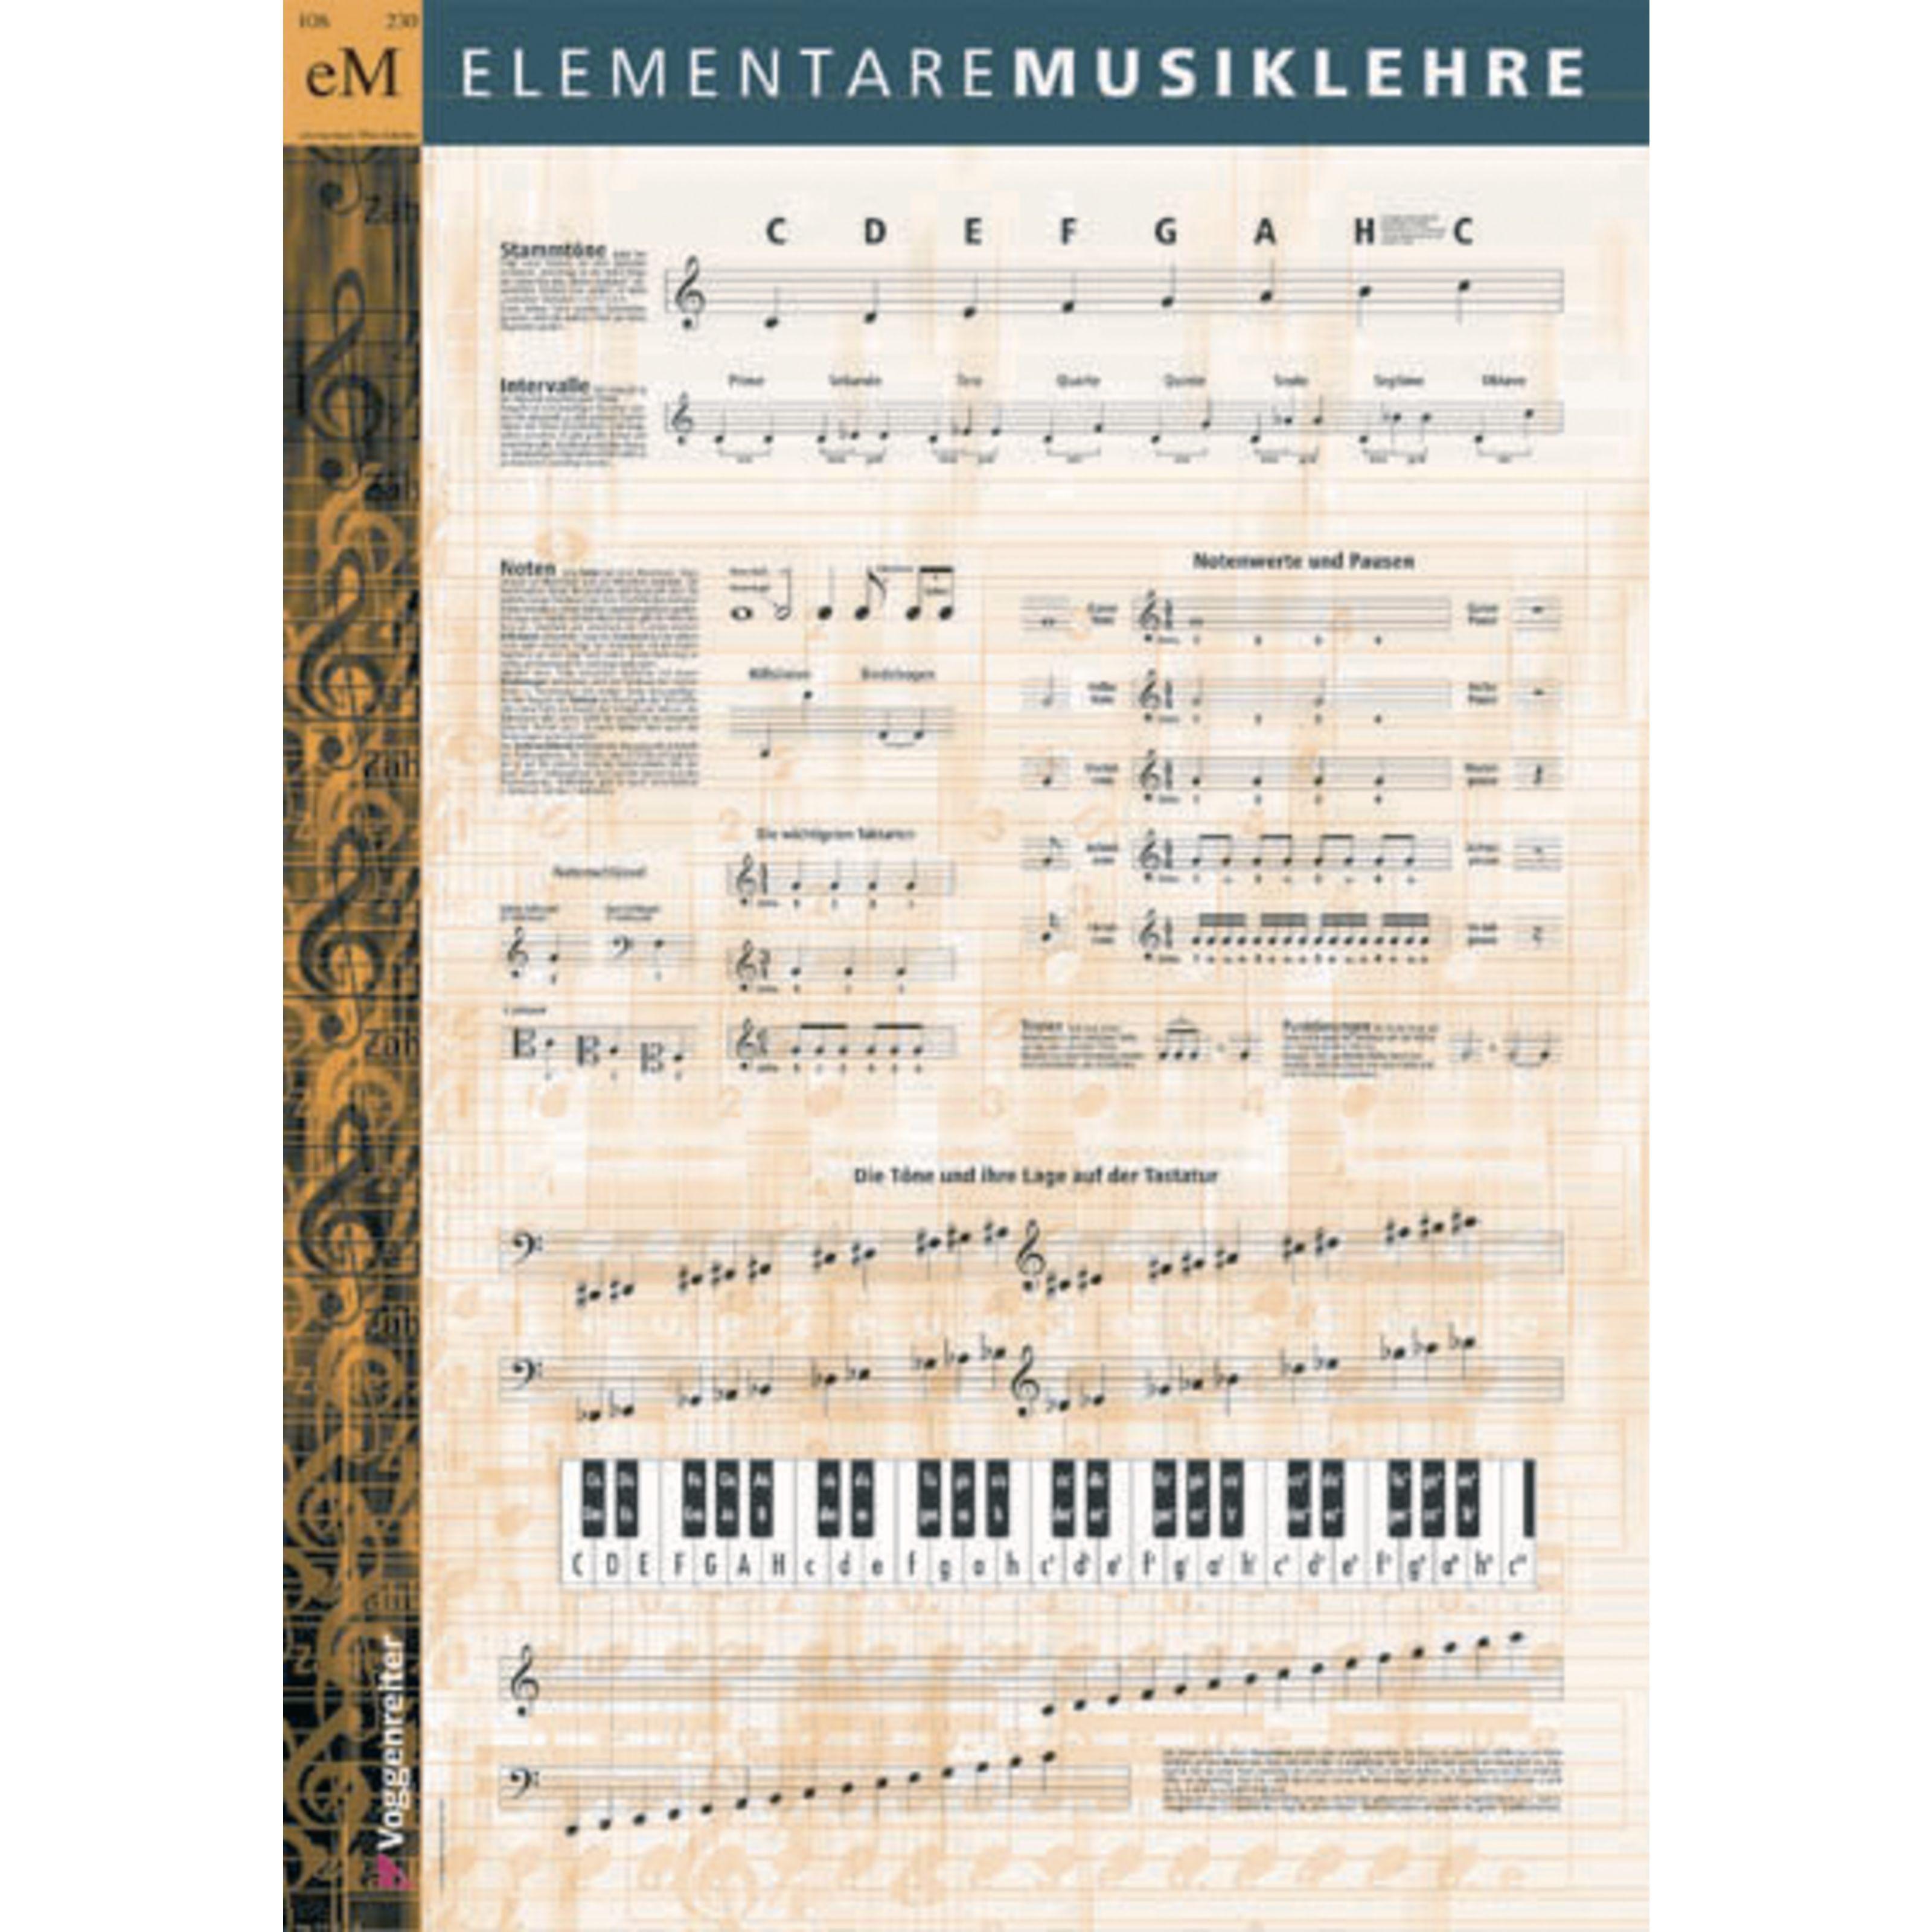 Voggenreiter - Musiklehre-Poster 0382-8